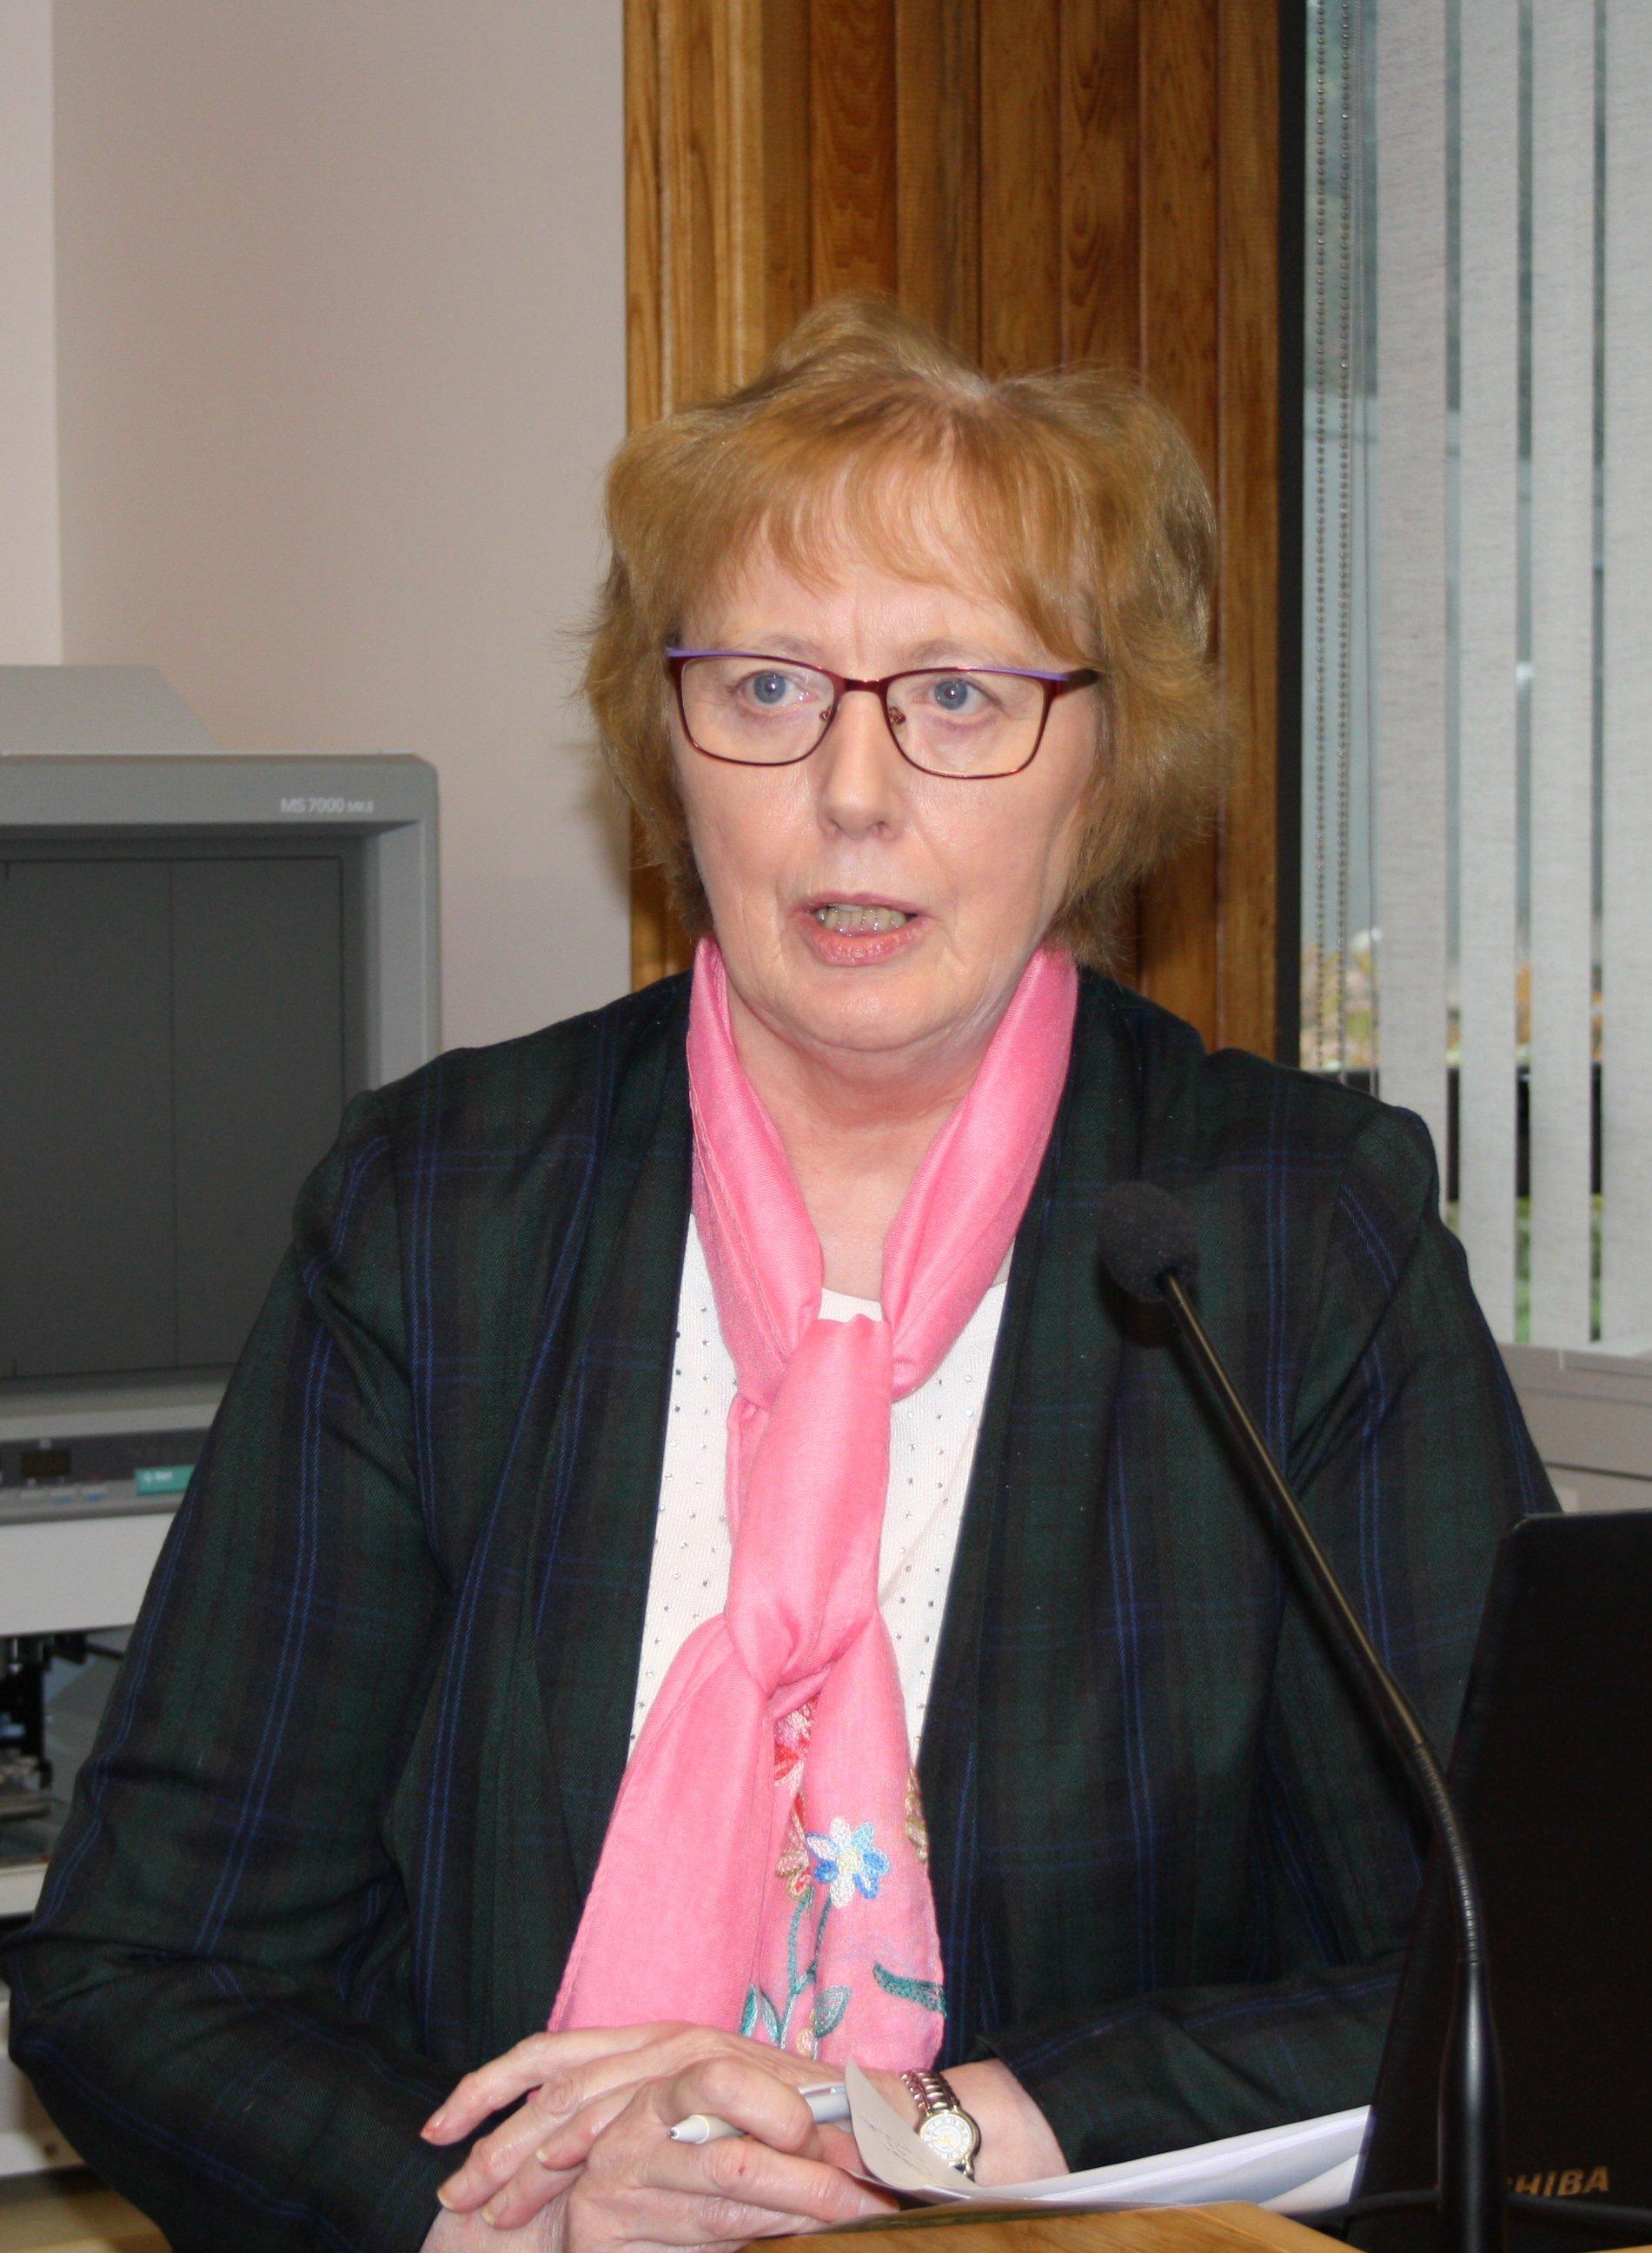 Evelyn Cardwell